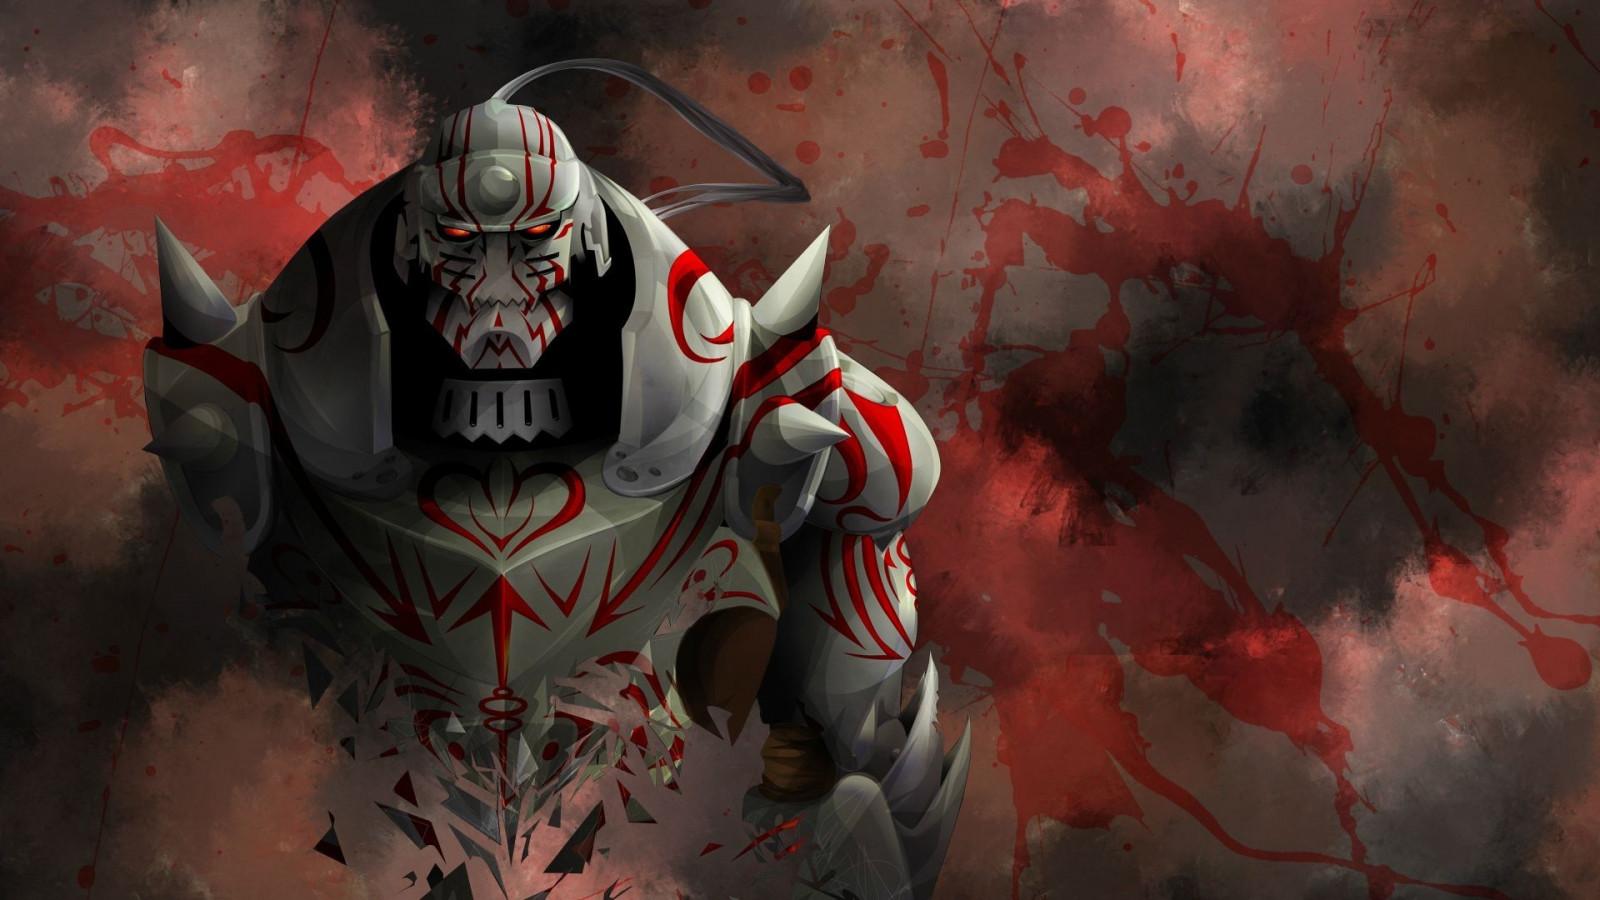 Wallpaper Fullmetal Alchemist Hd: Wallpaper : Anime, Full Metal Alchemist Brotherhood, Elric